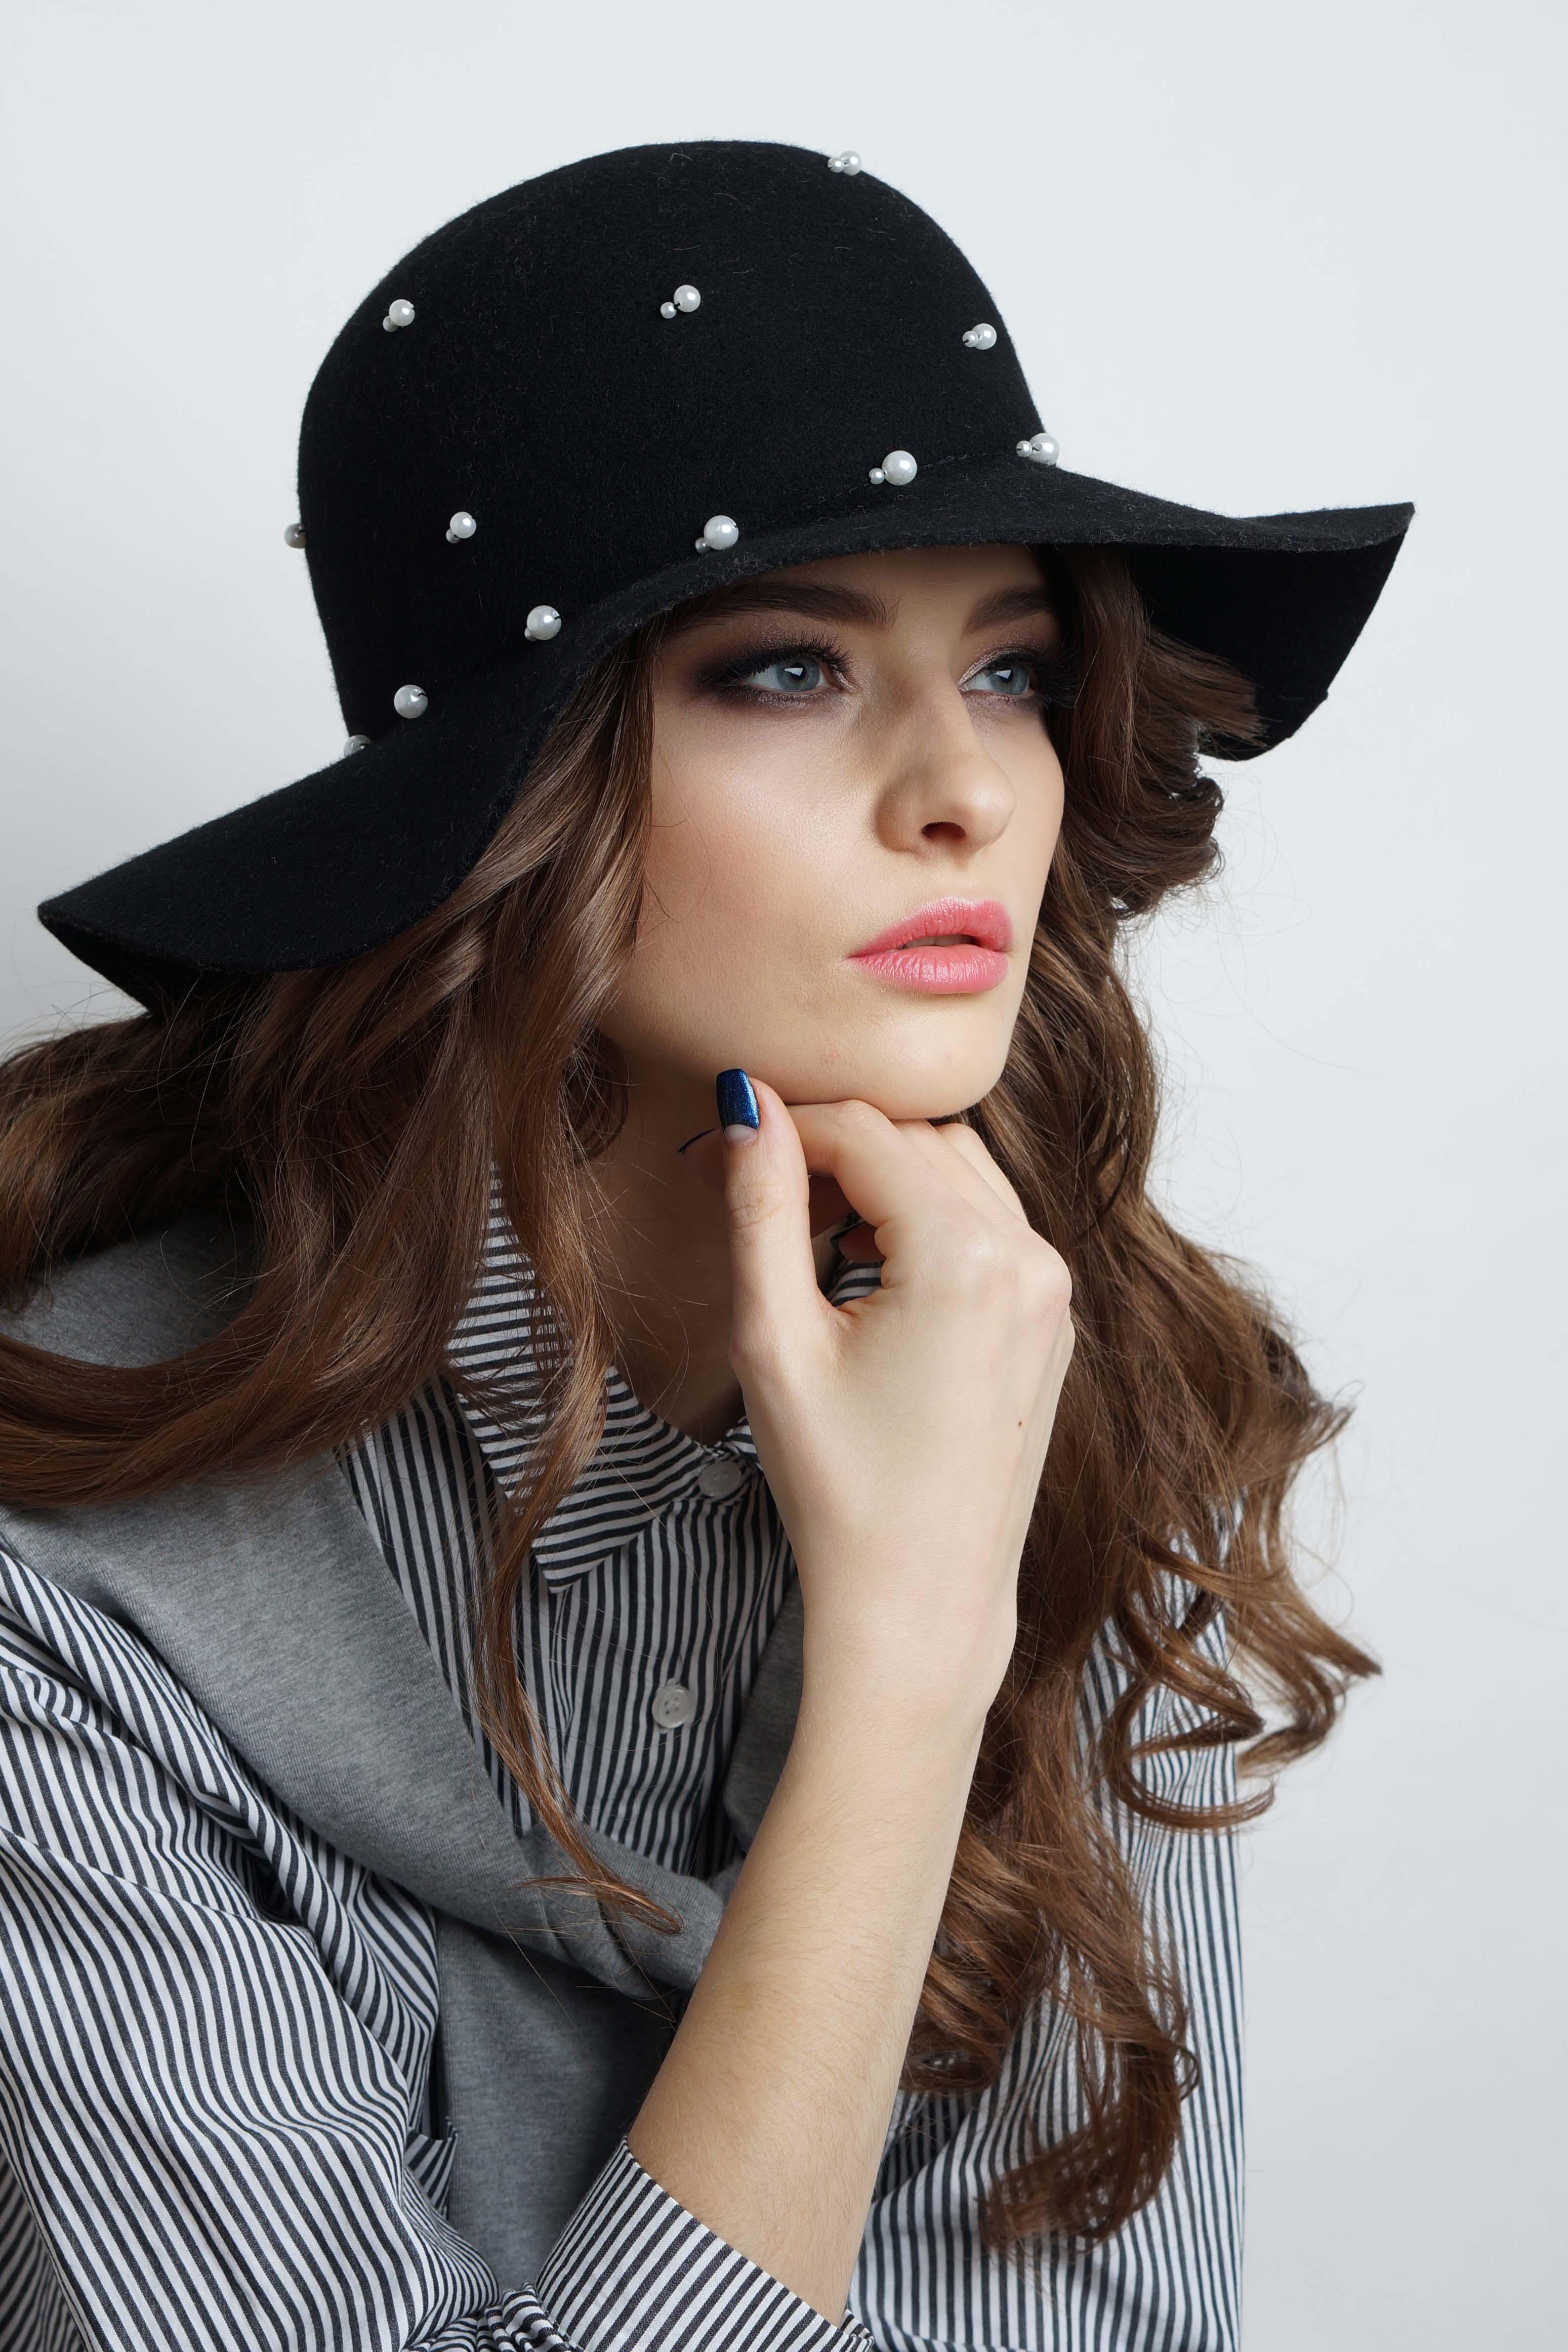 ШляпаШляпы<br>Стильная шляпа с перламутровыми пуговицами защитит Вас от непогоды и станет прекрасным дополнением Вашего образа.В изделии использованы цвета: черныйРазмер universal (56-57) равен обхвату головы в сантиметрахОбхват головы измеряется по лобной части над уровнем бровей (на 2-3 сантиметра выше) и по самой выпуклой затылочной части.<br><br>Сезон: Осень,Весна<br>Размер : universal<br>Материал: Фетр<br>Количество в наличии: 2